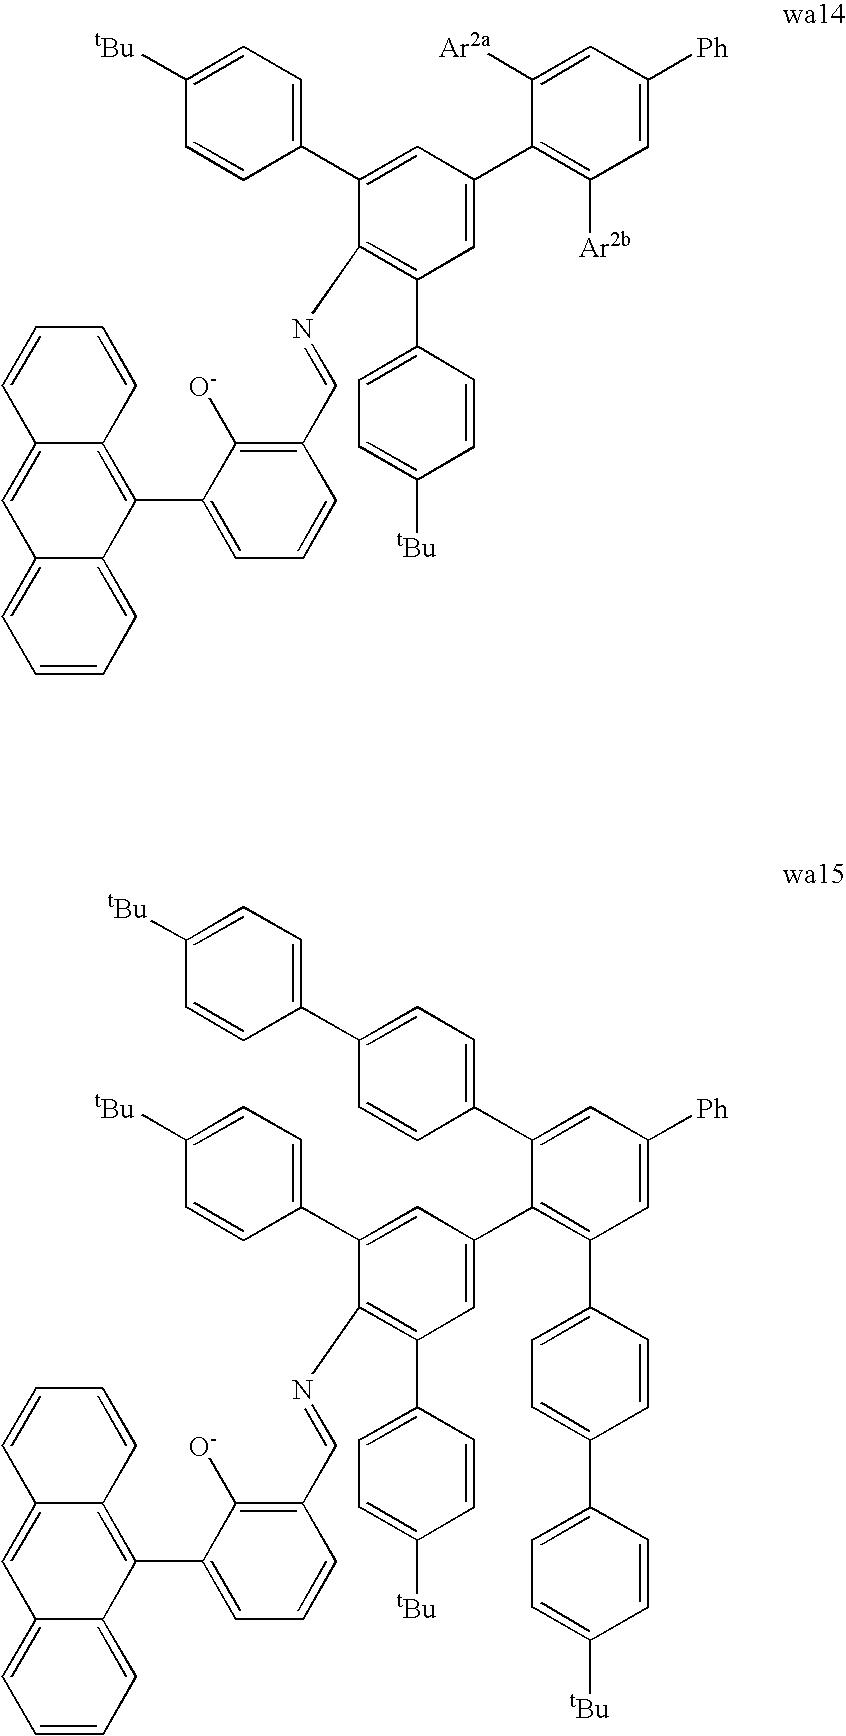 Figure US20040127658A1-20040701-C00008